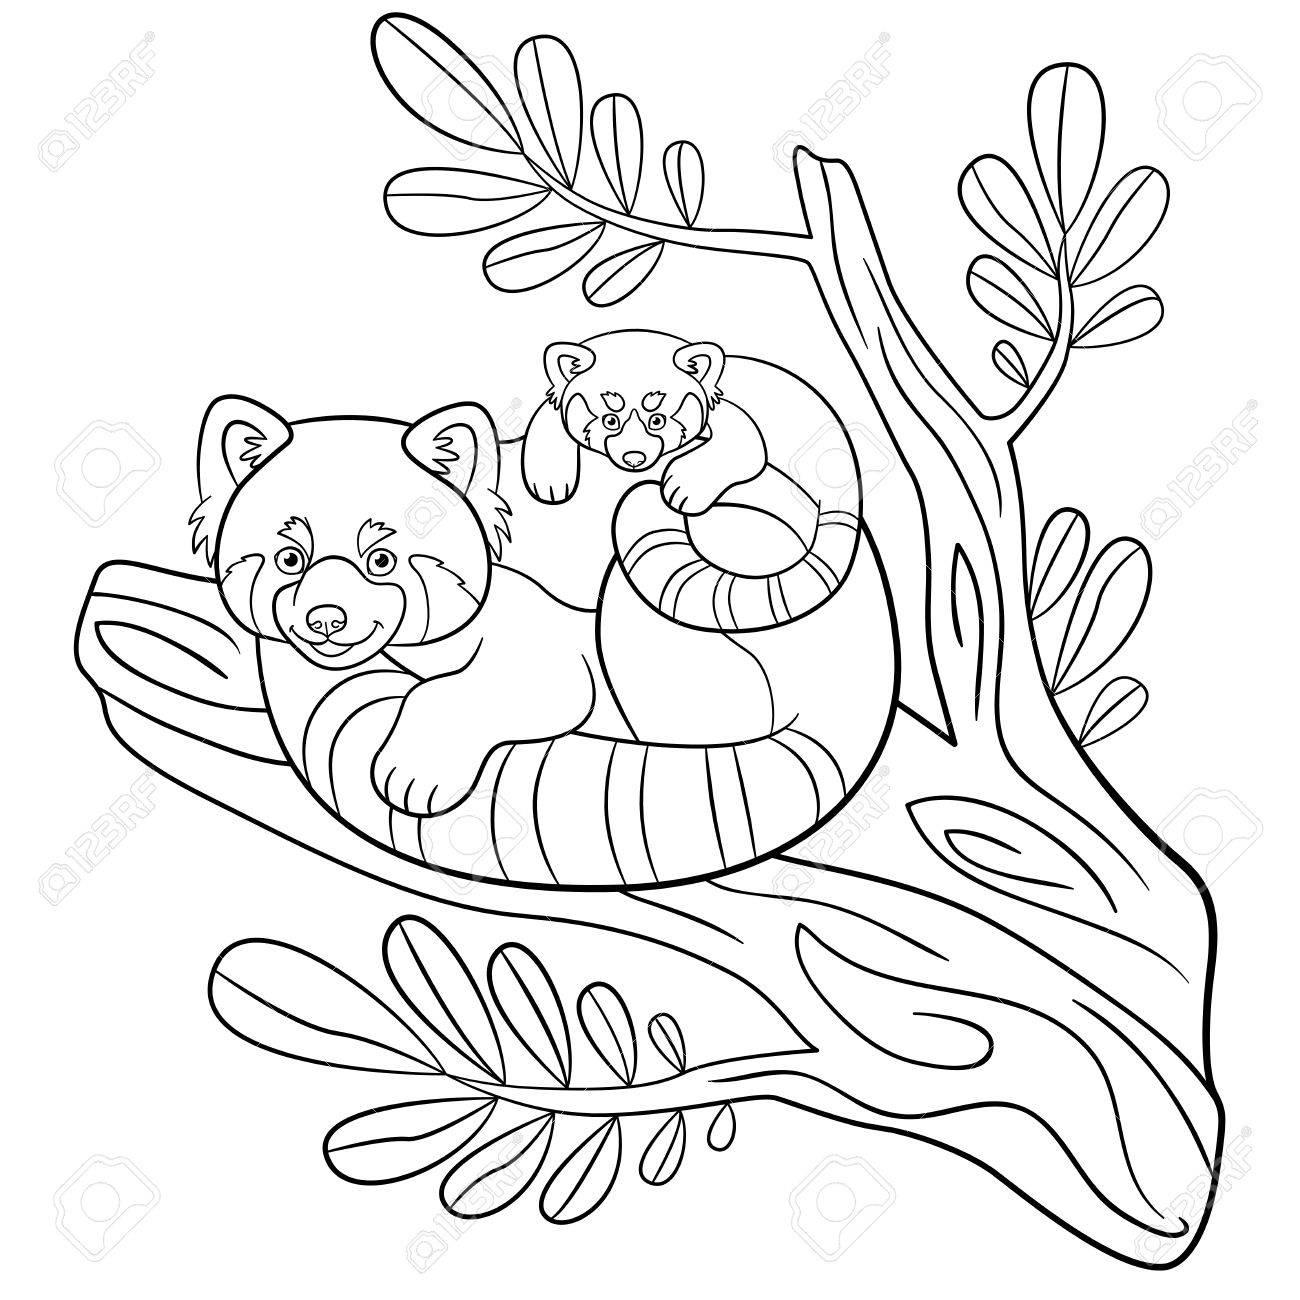 Coloriage. Mère Panda Rouge Est Assis Sur La Branche D'arbre Avec Son Petit  Bébé Et Sourires Mignon. encequiconcerne Panda À Colorier